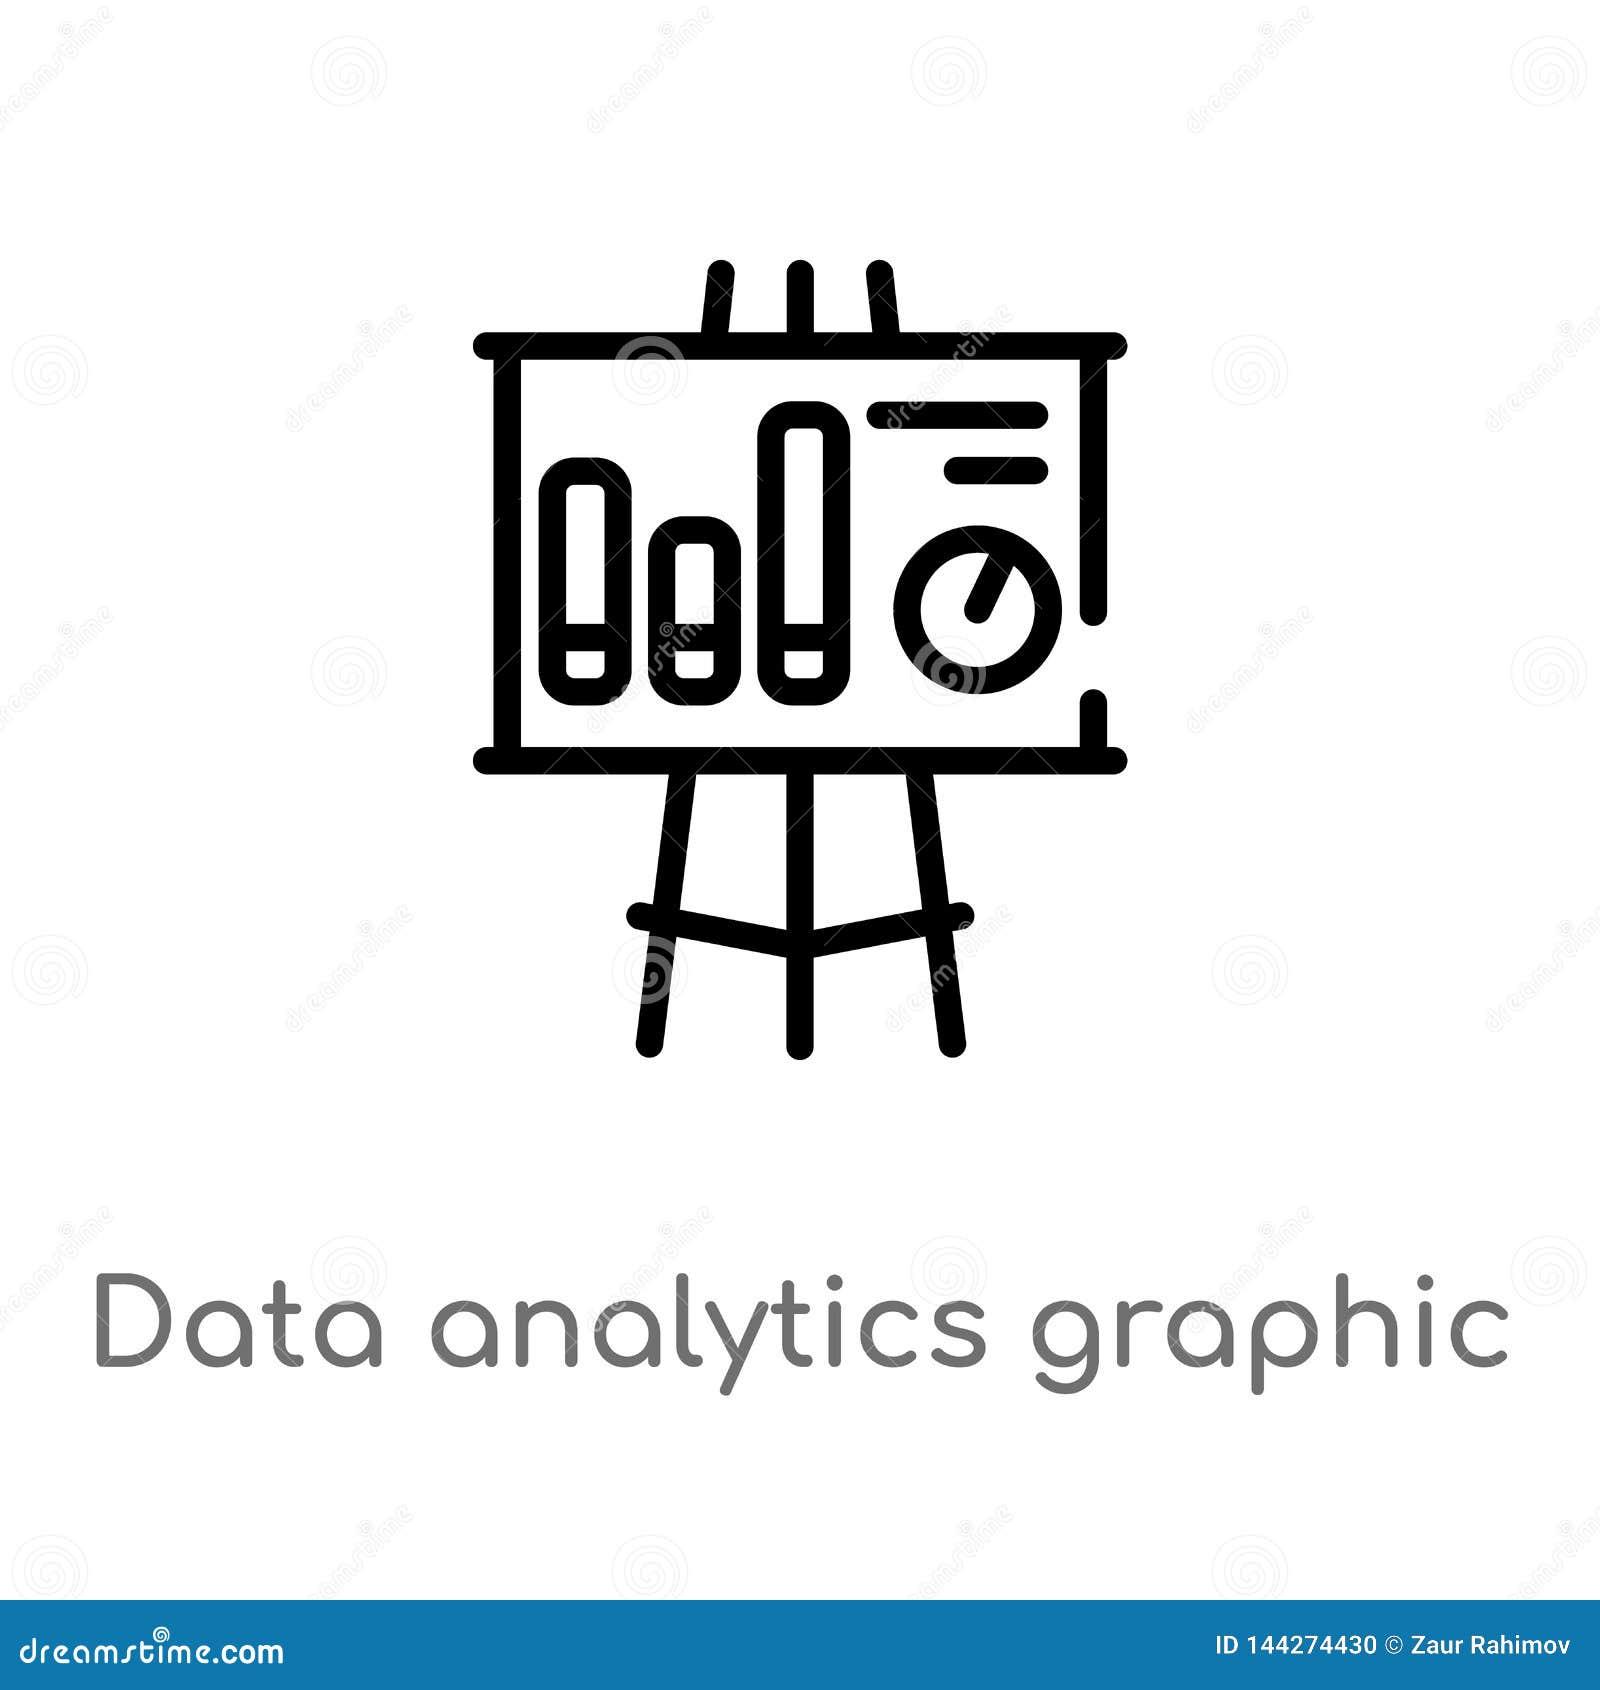 Konturów dane analityka graficzne na prezentacji ekranizują wektorową ikonę odosobniona czarna prosta kreskowego elementu ilustra